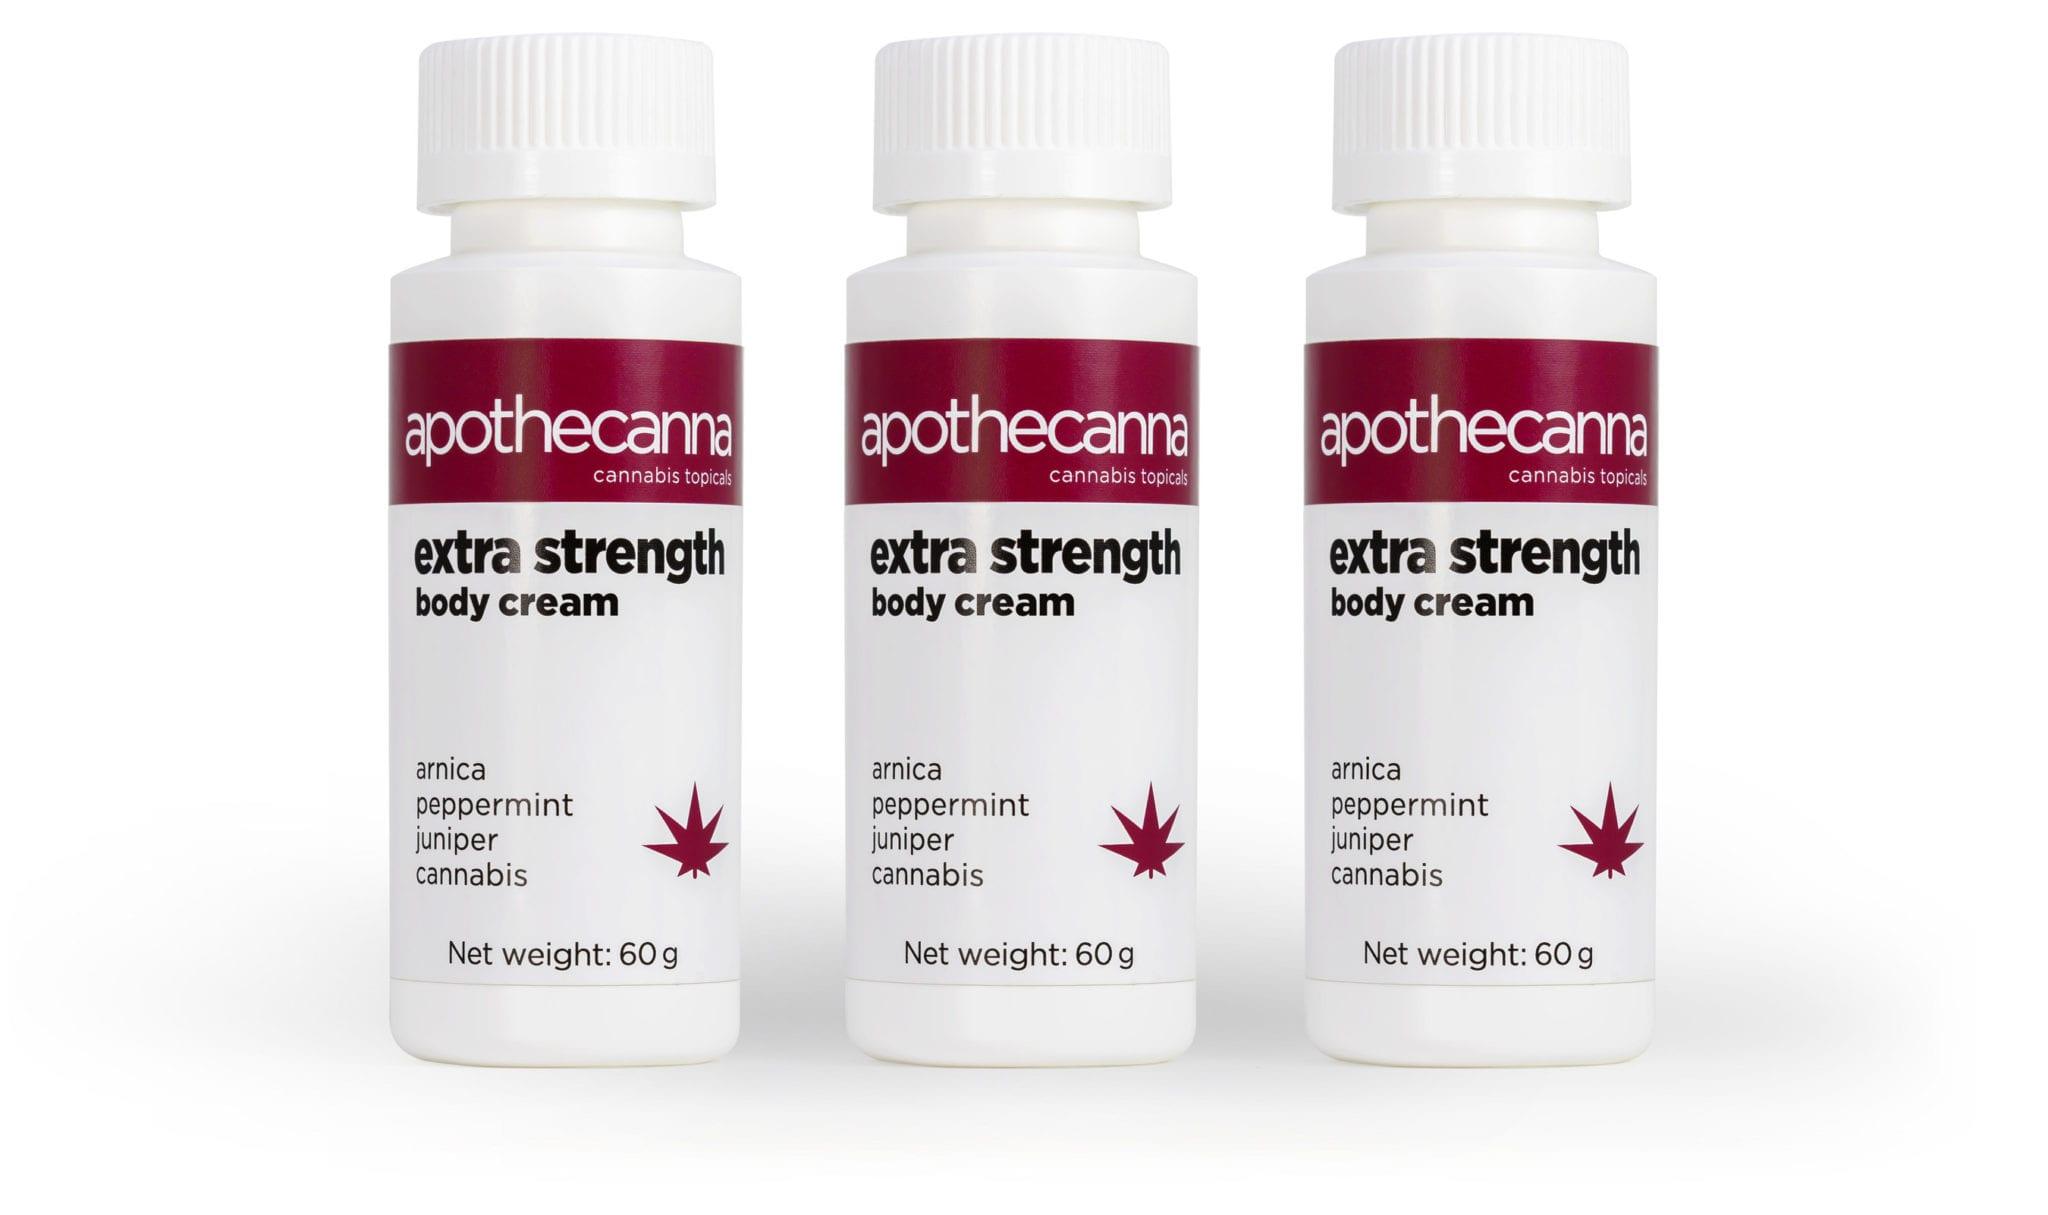 48North Cannabis Corp--48North Cannabis Corp- Launches First 1